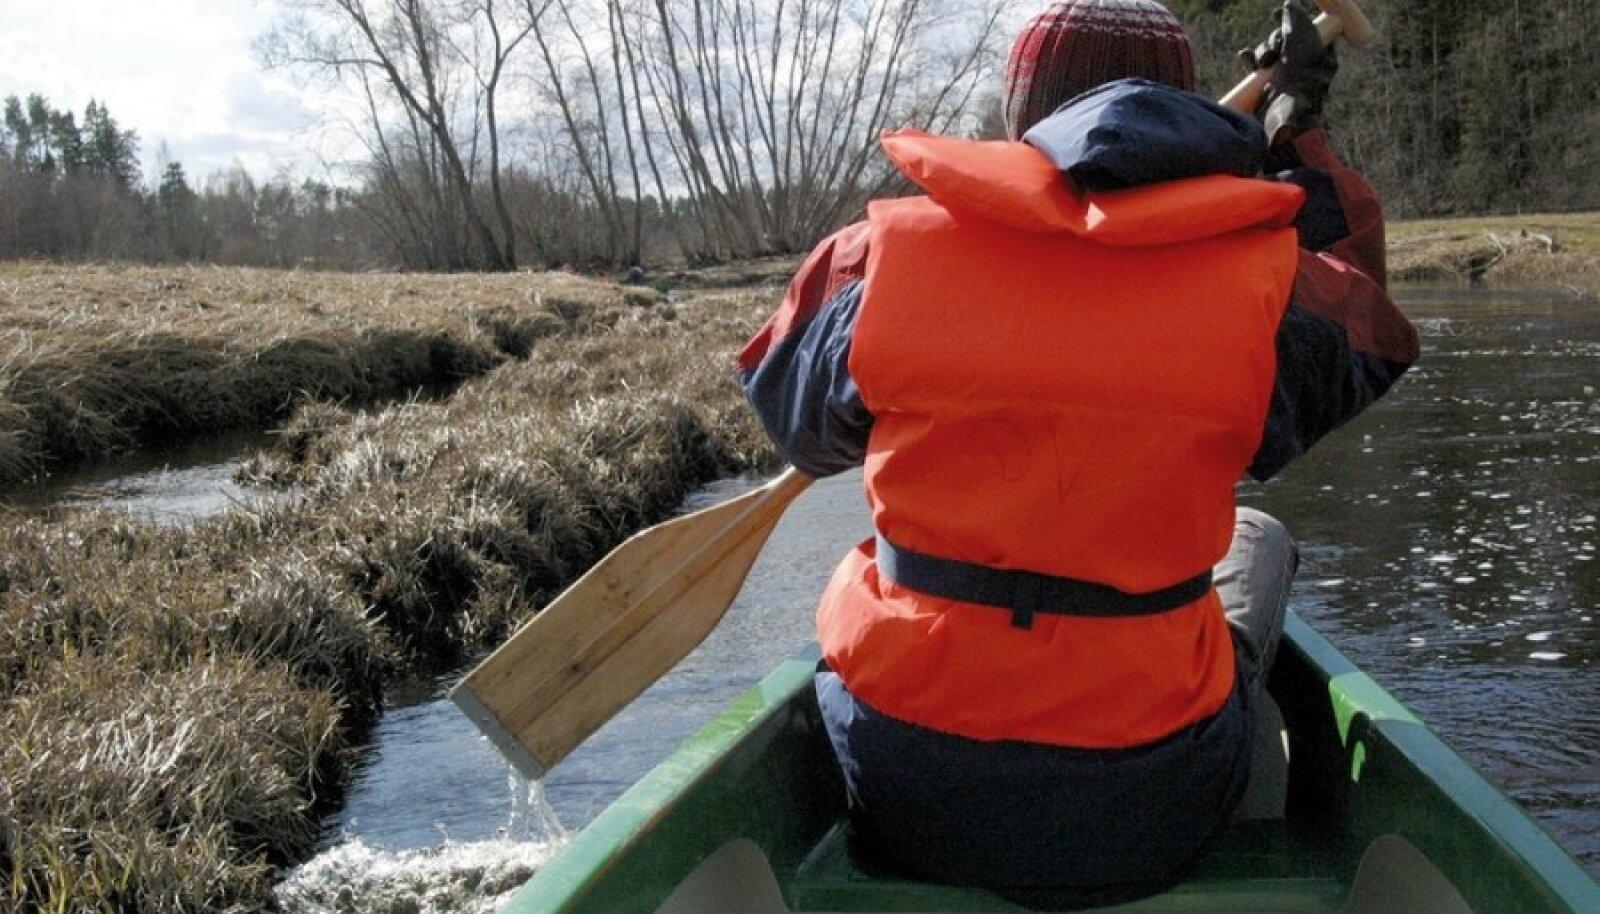 Sellel pildil olev kanuutaja kannab pääste-, mitte ohutusvesti.